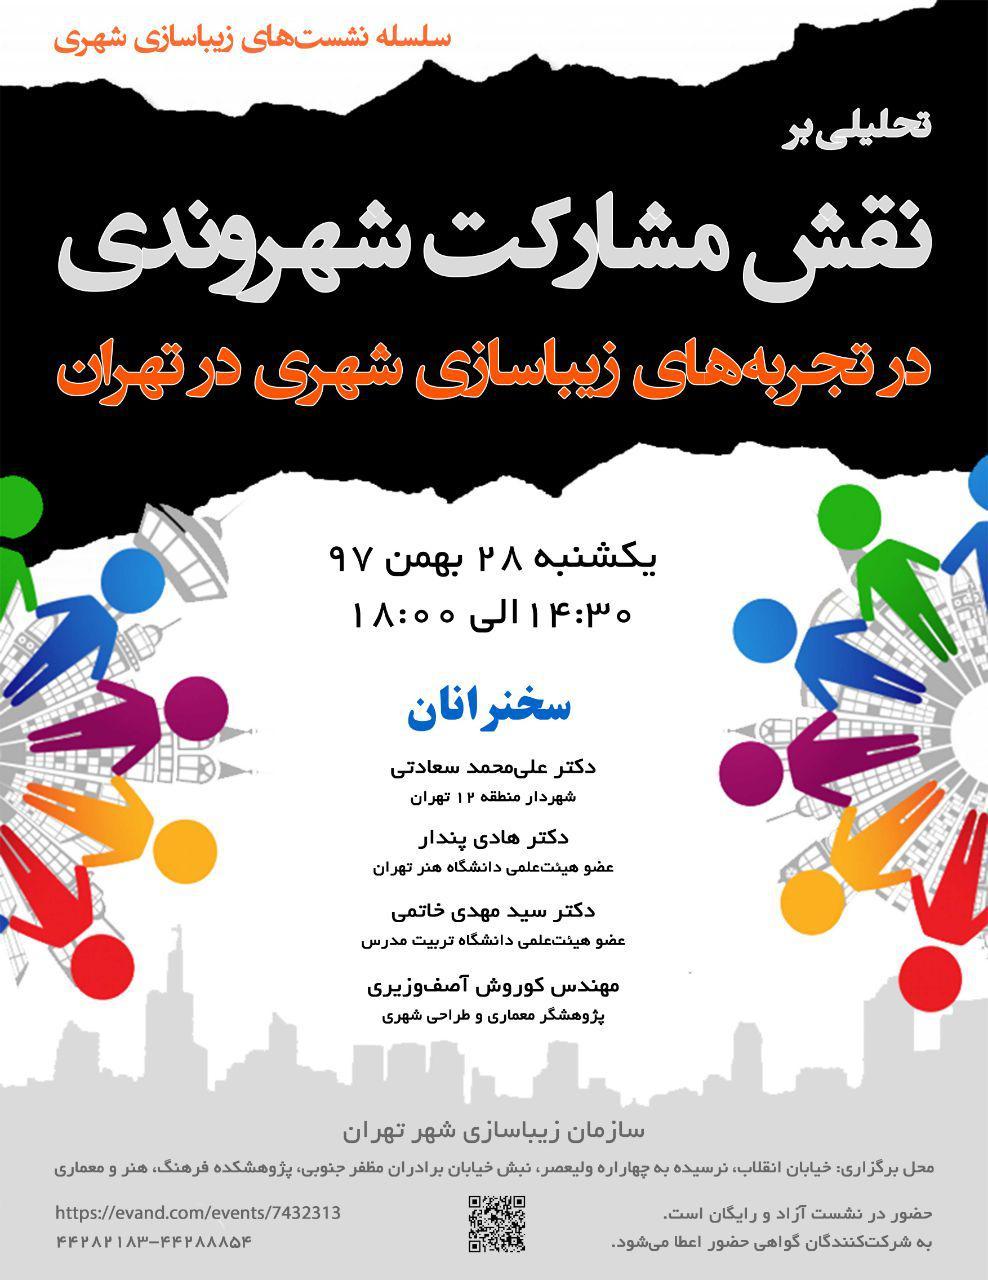 نقش مشارکت شهروندی در تجربههای زیباسازی شهری در تهران تحلیل می شود